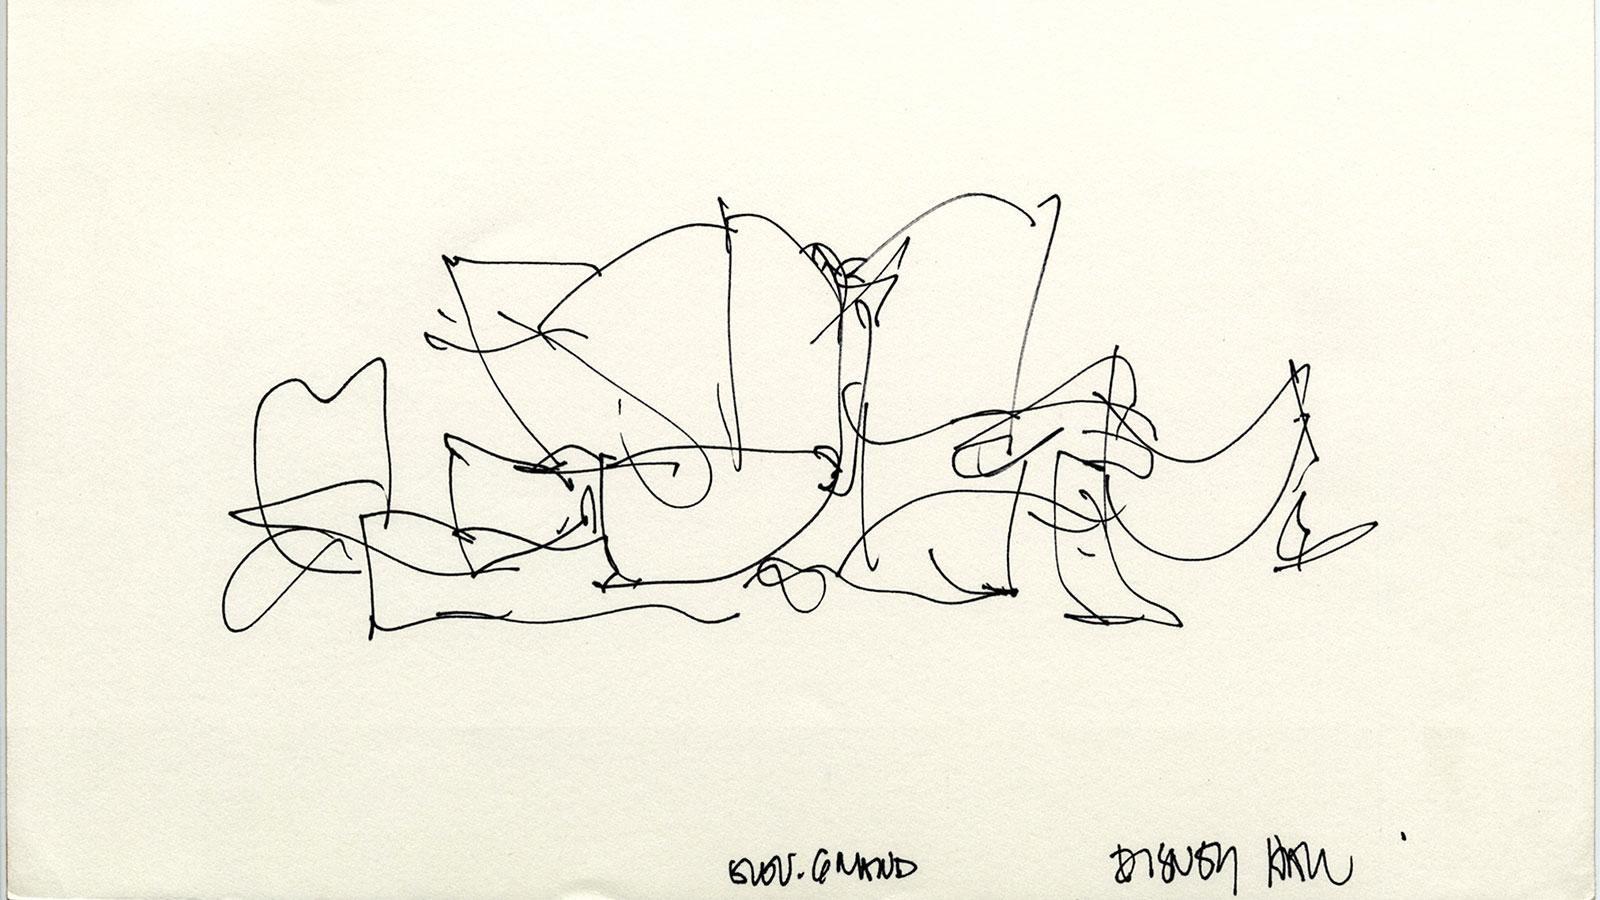 Walt Disney Concert Hall Frank Gehry Sketch Illustration